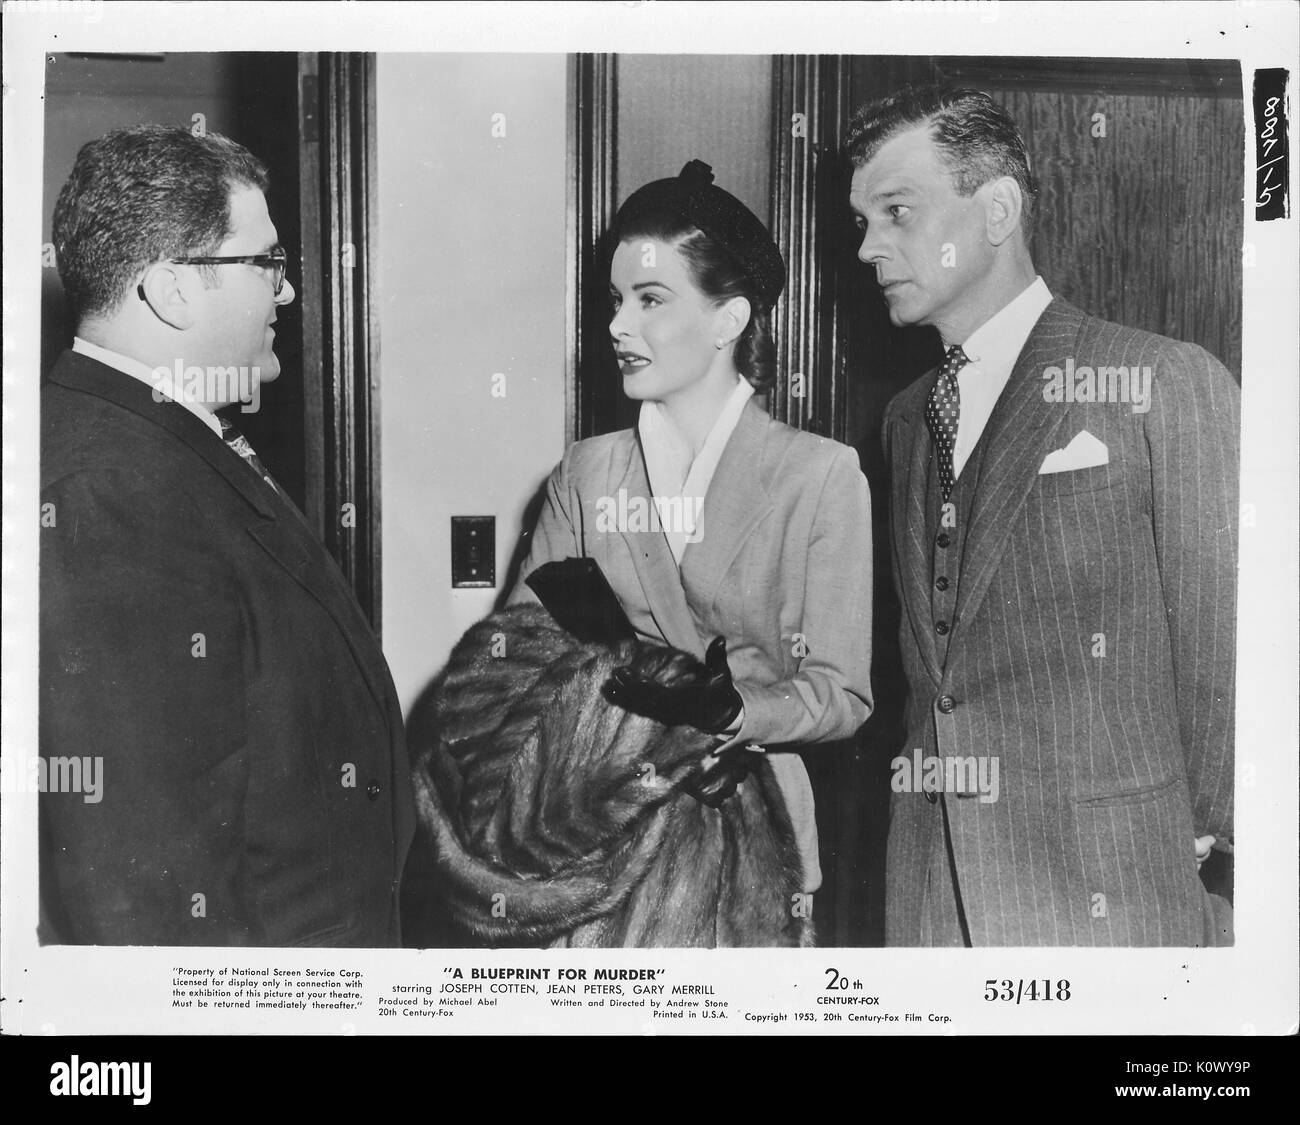 """Encore une scène de film 'un plan de meurtre"""" (1953 20th Century Fox Film thriller), montrant une femme élégante de parler sérieusement d'un homme portant des lunettes et un costume sombre tandis que l'autre homme derrière elle écoute attentivement, 1953. Photo Stock"""